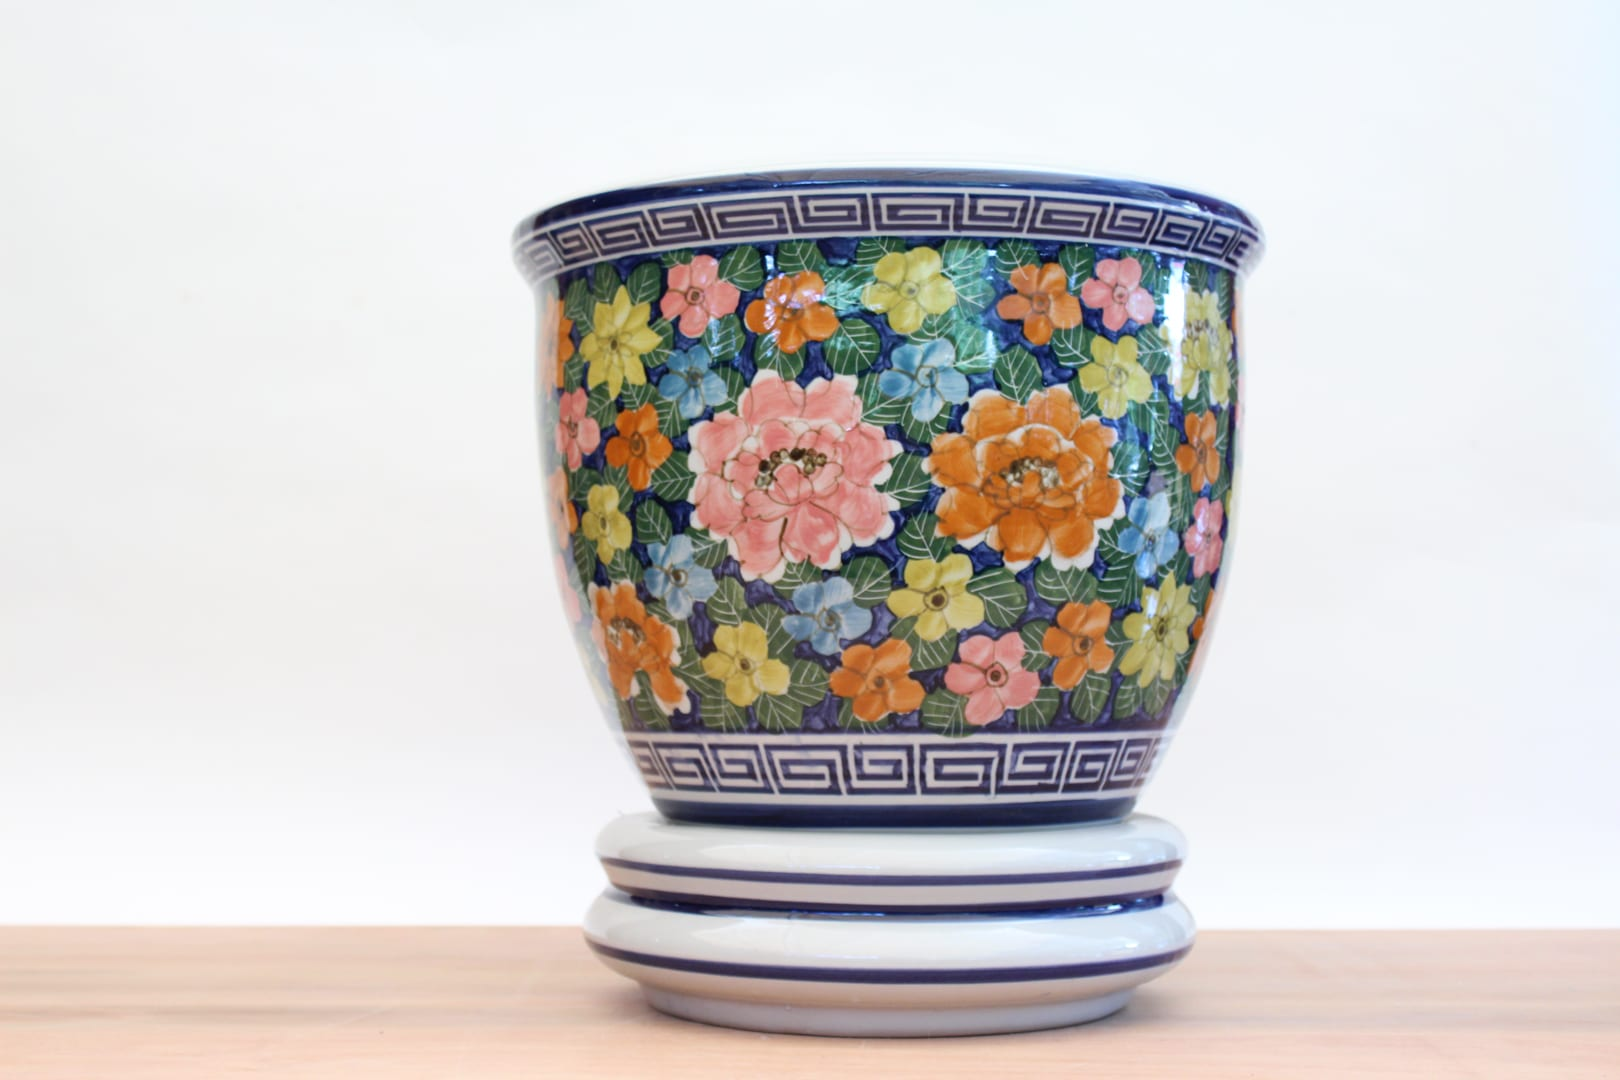 macetero floreado ceramica tienda himalaya lp